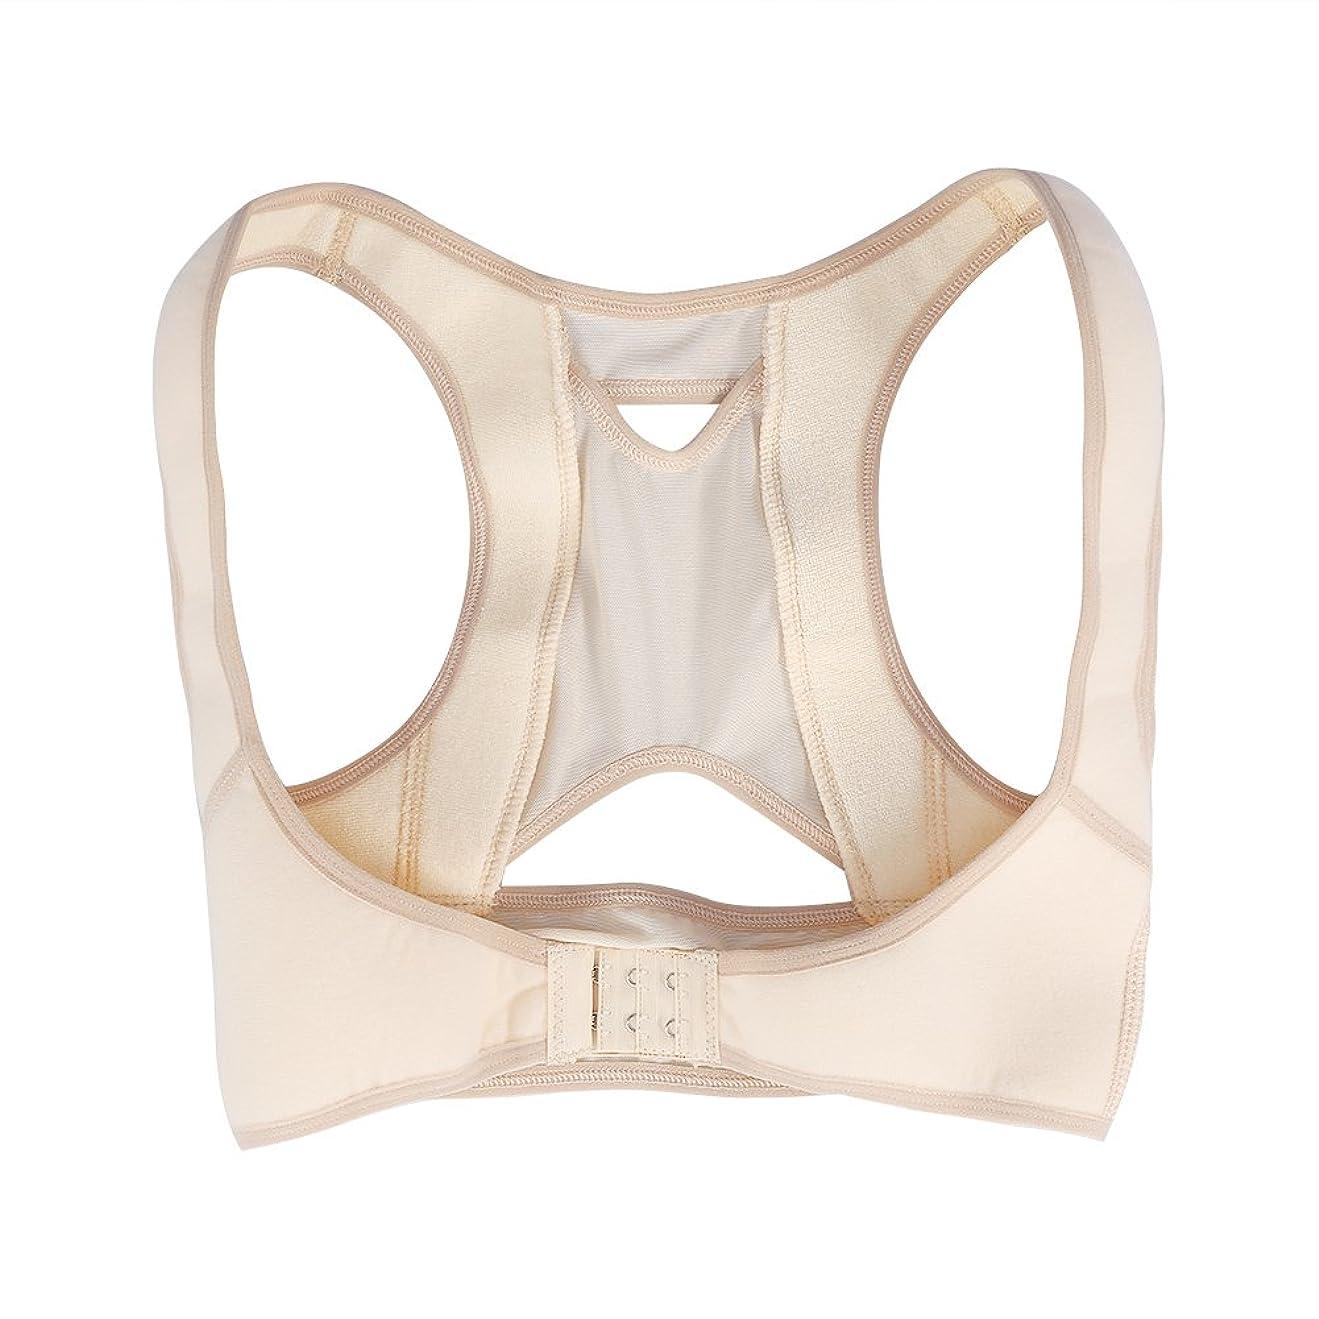 開発する水っぽい骨姿勢矯正ベルト、後矯正器、4サイズ体位矯正バンドバックショルダー、腰椎矯正器補正ショルダー姿勢矯正(L)